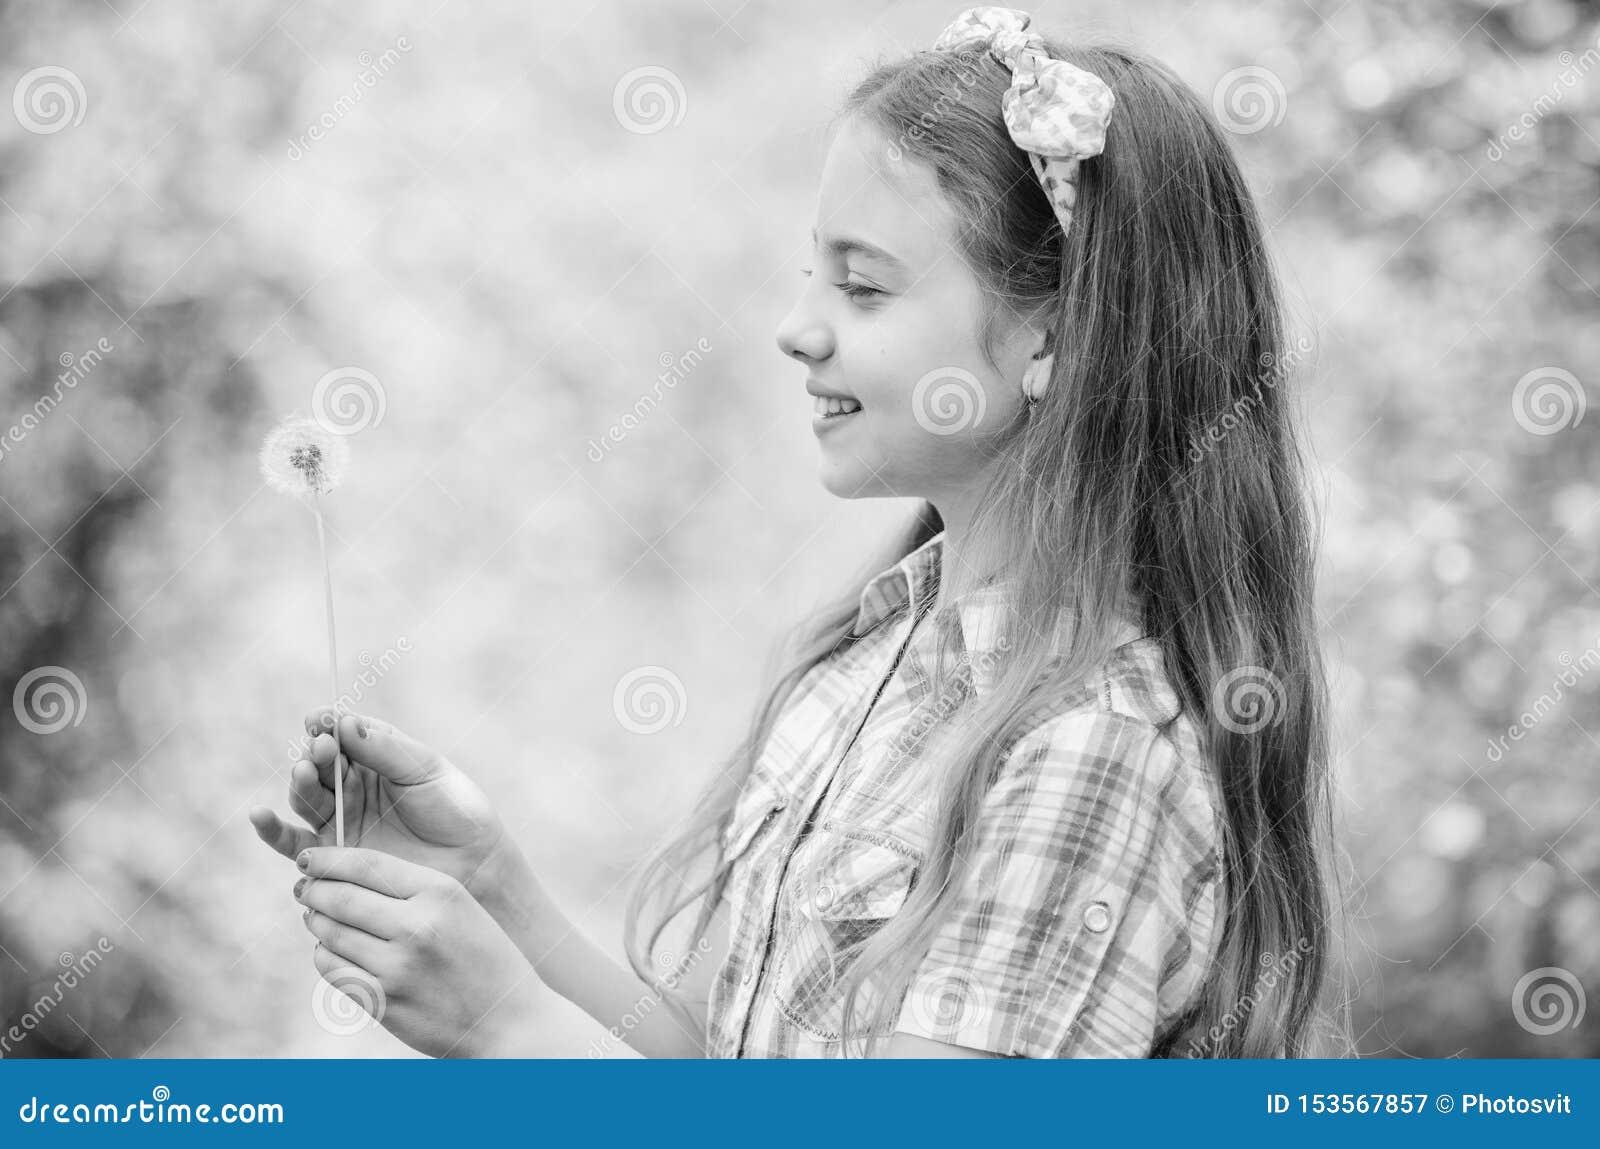 蒲公英充分的象征主义 夏令时乐趣 关于蒲公英的民间传说信仰 做愿望和吹的女孩土气样式